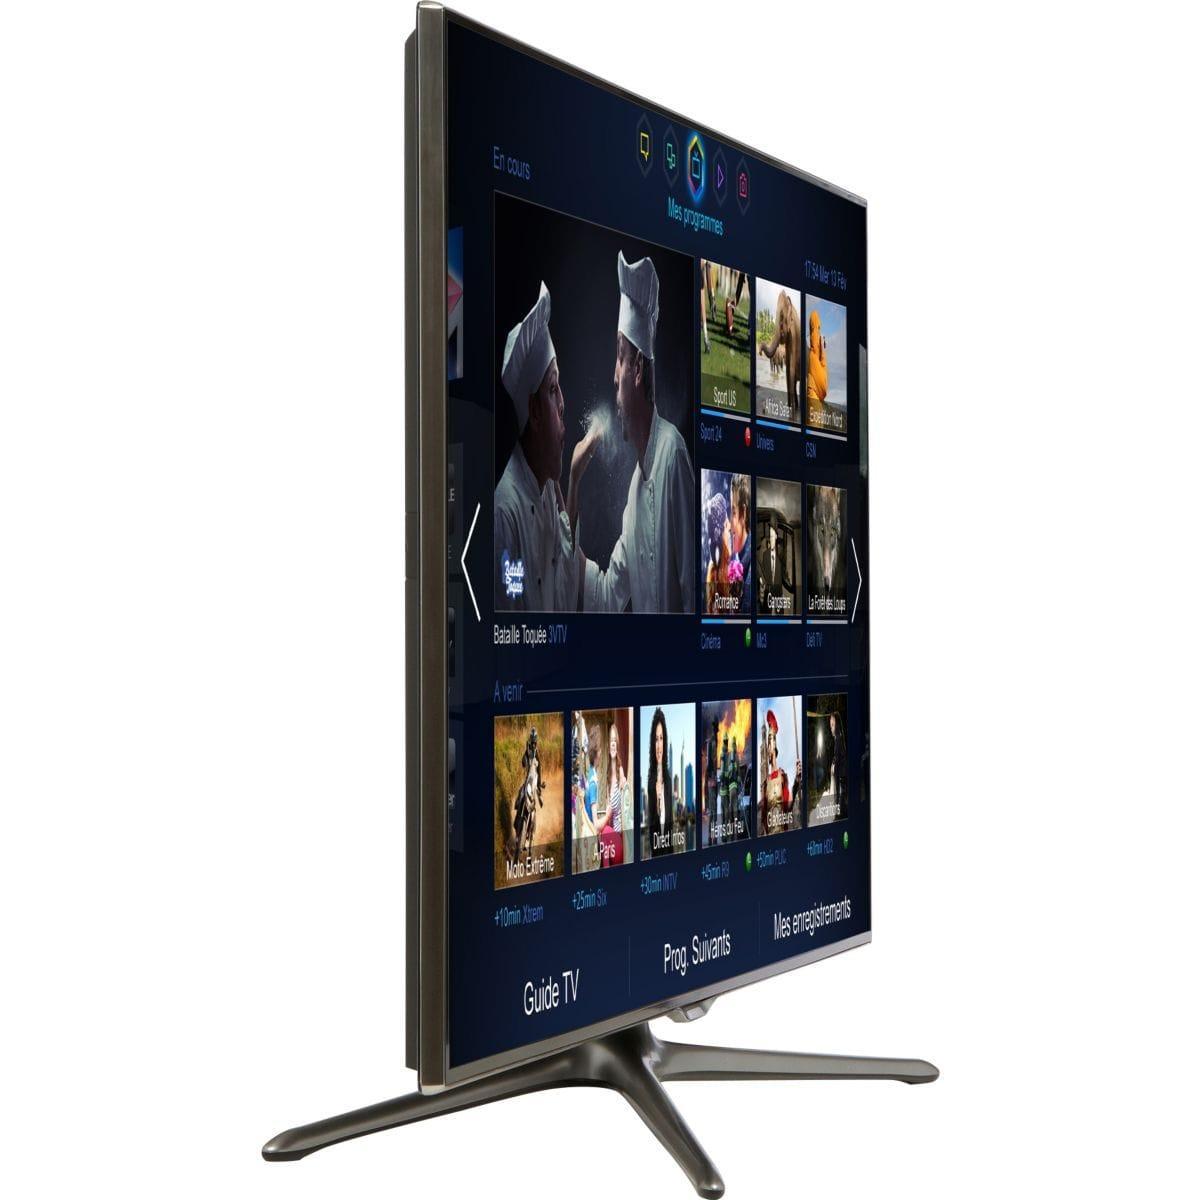 smart tv led 3d full hd 117 cm samsung ue46f6650ssxzf reconditionn back market. Black Bedroom Furniture Sets. Home Design Ideas